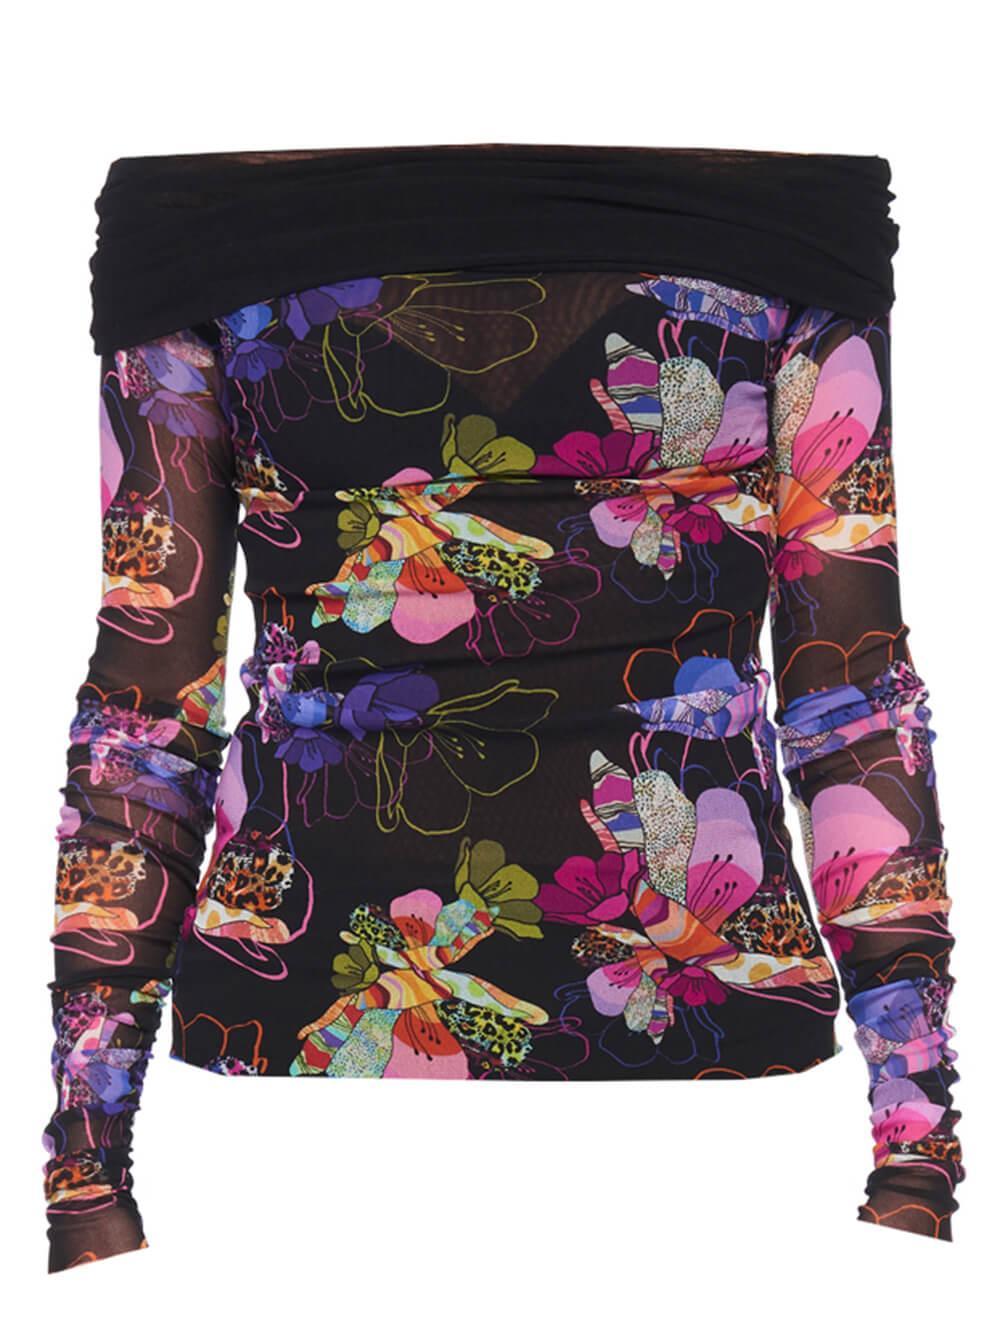 Off The Shoulder Floral Mesh Top Item # F13710-10056